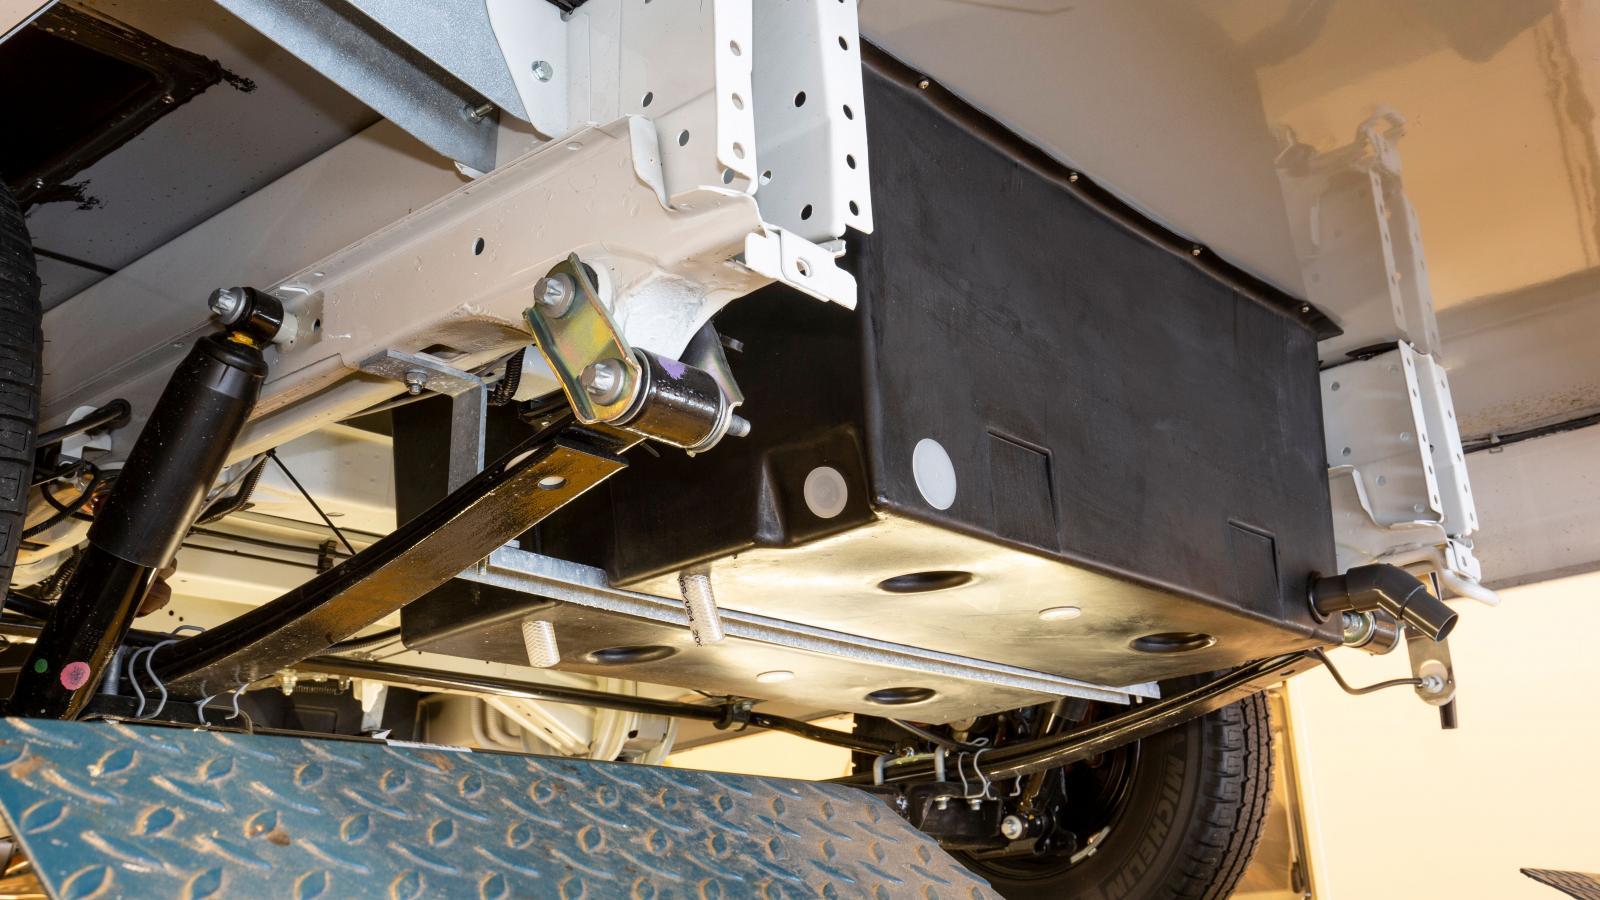 Gråvattentankar sitter oftast under bilen, men ibland återfinns de i ett dubbelgolv vilket gör att de inte syns undertill. Gråvattentanken kan även vara uppvärmd.